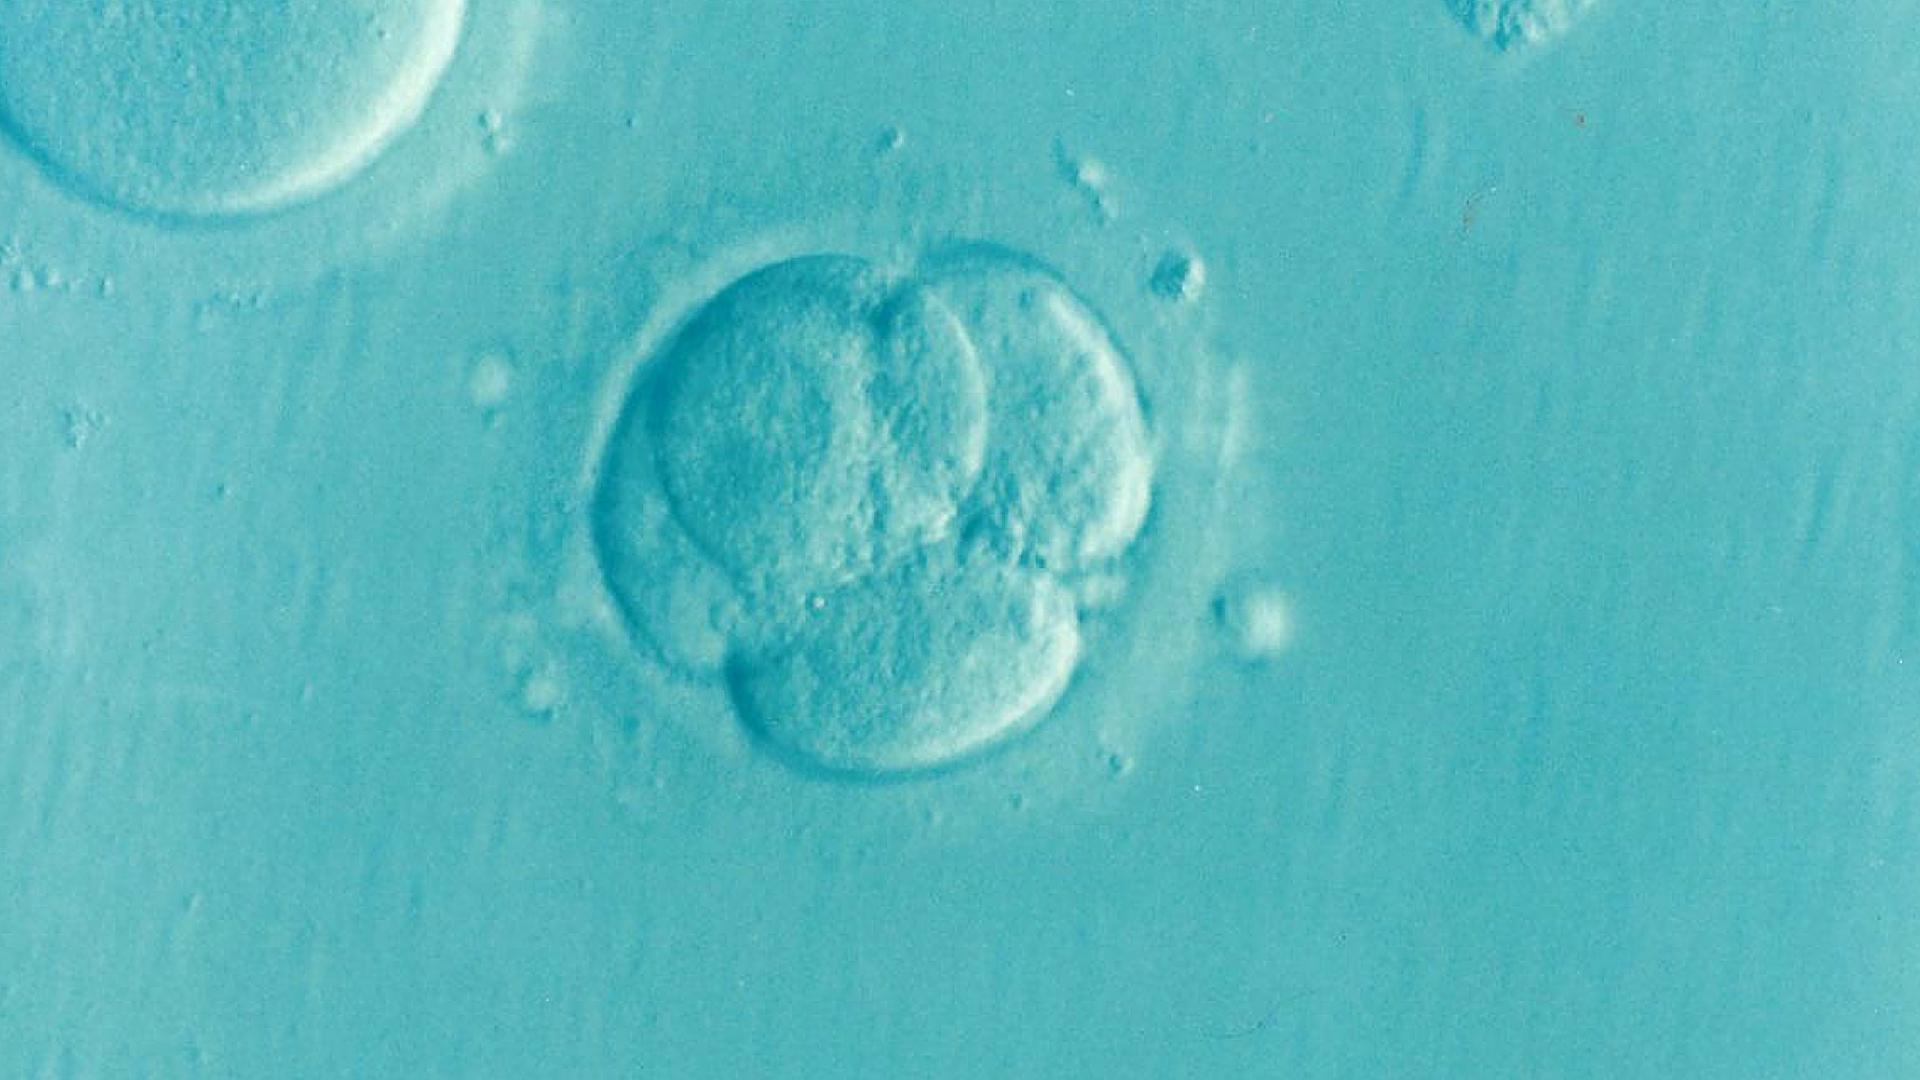 人类胚胎研究的限制已经改变。是时候公开辩论了。